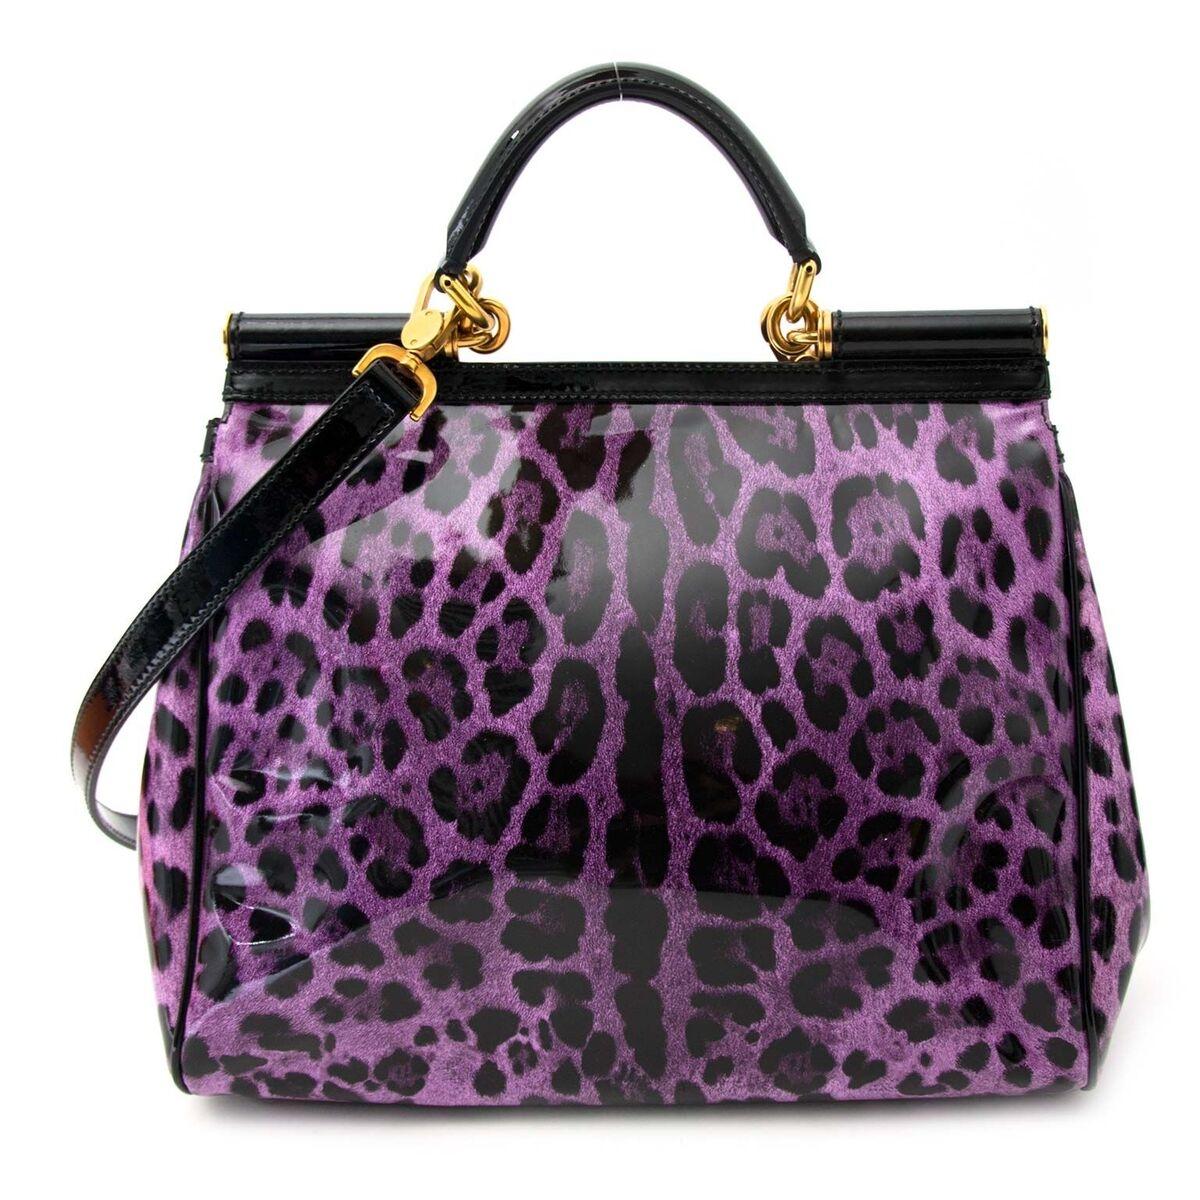 Koop authentieke tweedehands Dolce & Gabbana paarse leaopard Miss Sicily patent tas aan een eerlijke prijs bij LabelLOV. Veilig online shoppen.